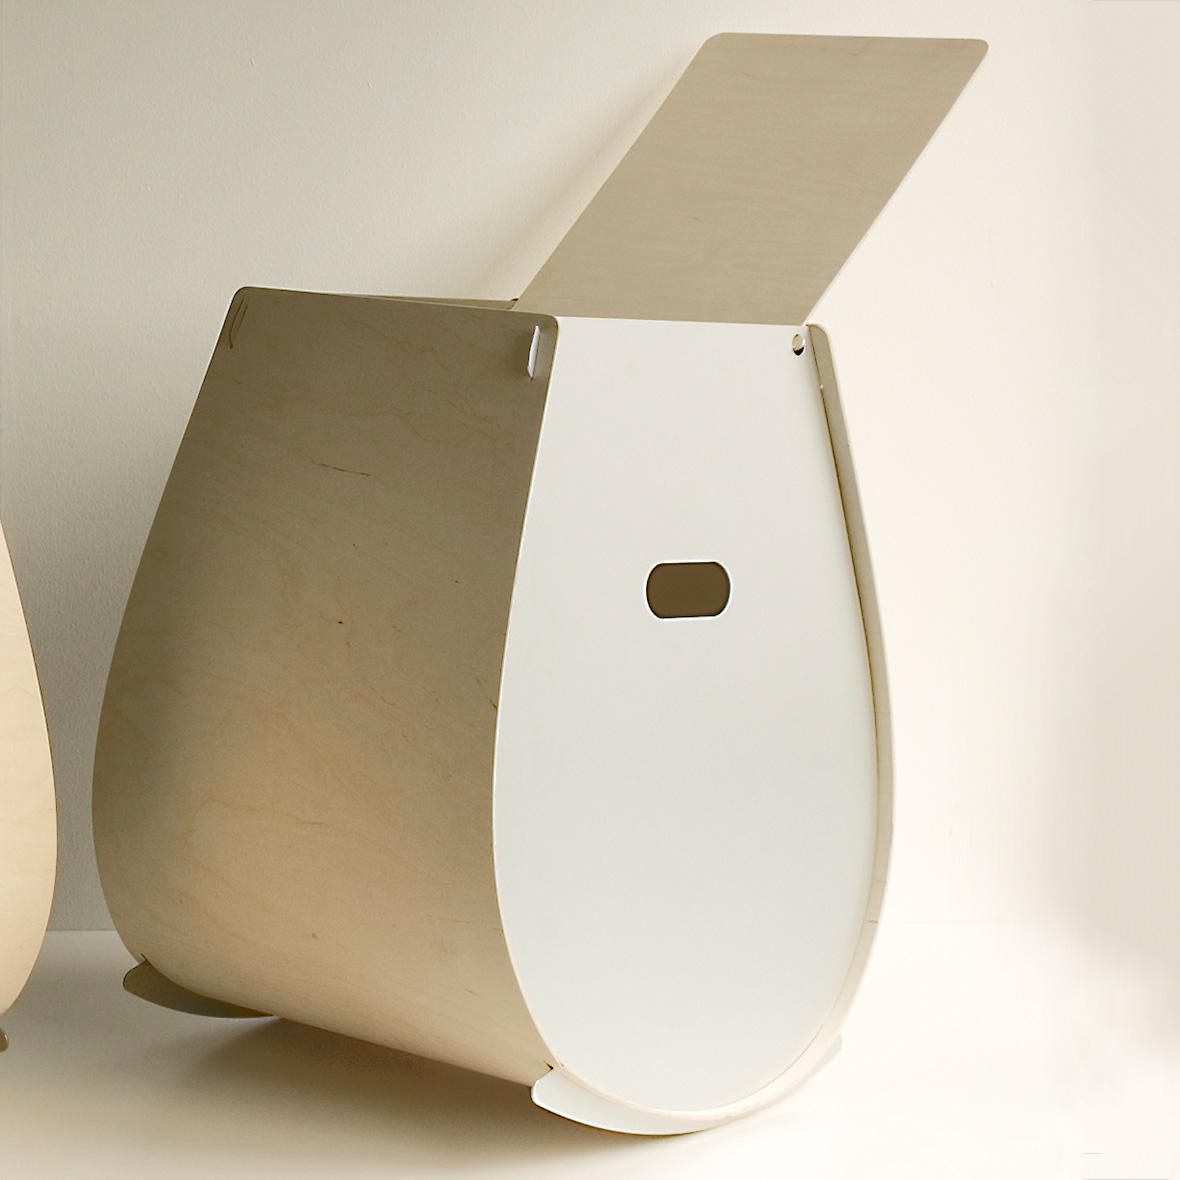 Wäschekorb Ovetto aus Holz und Aluminium von Lehni